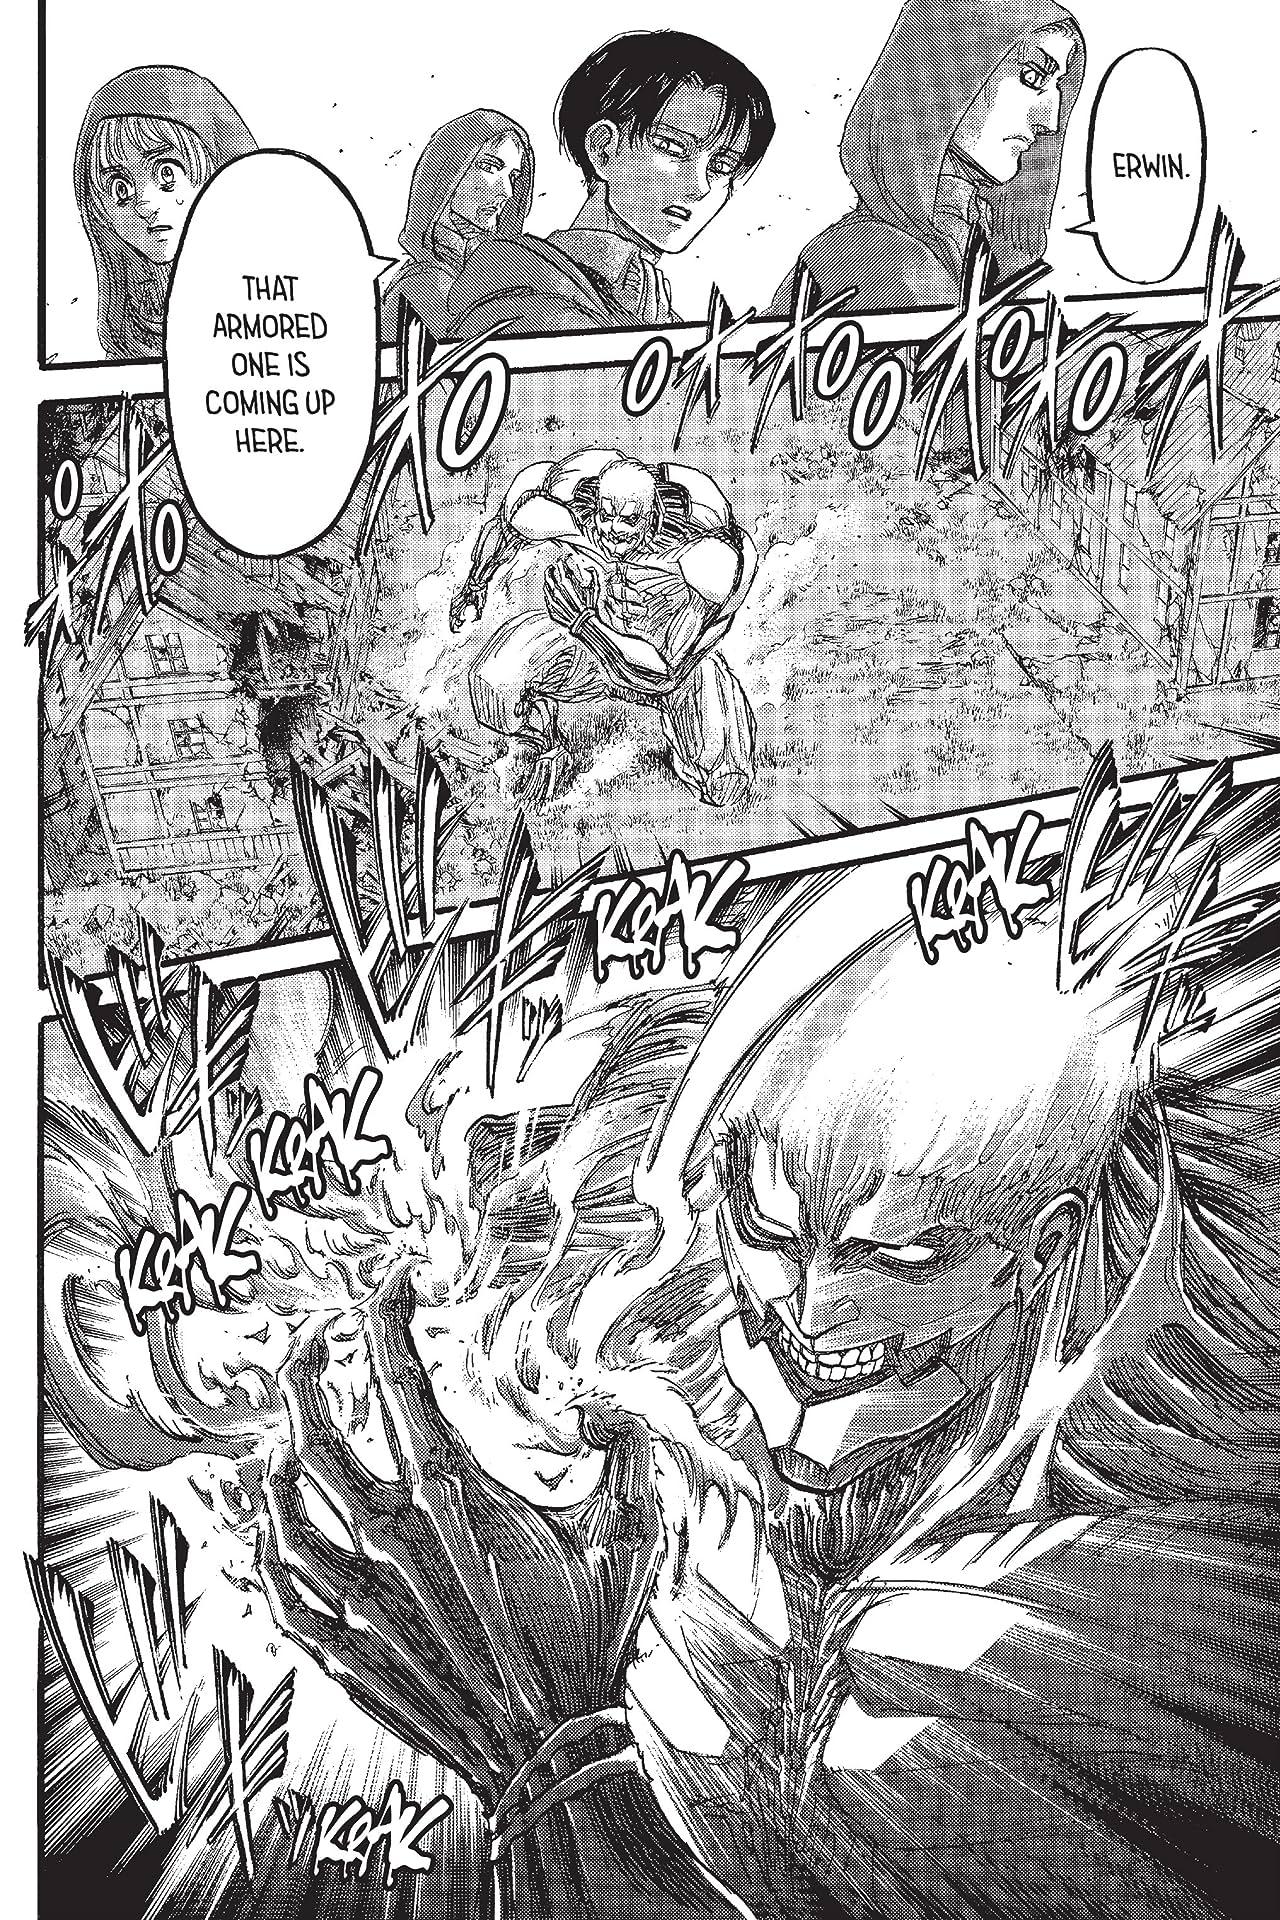 Attack on Titan #75